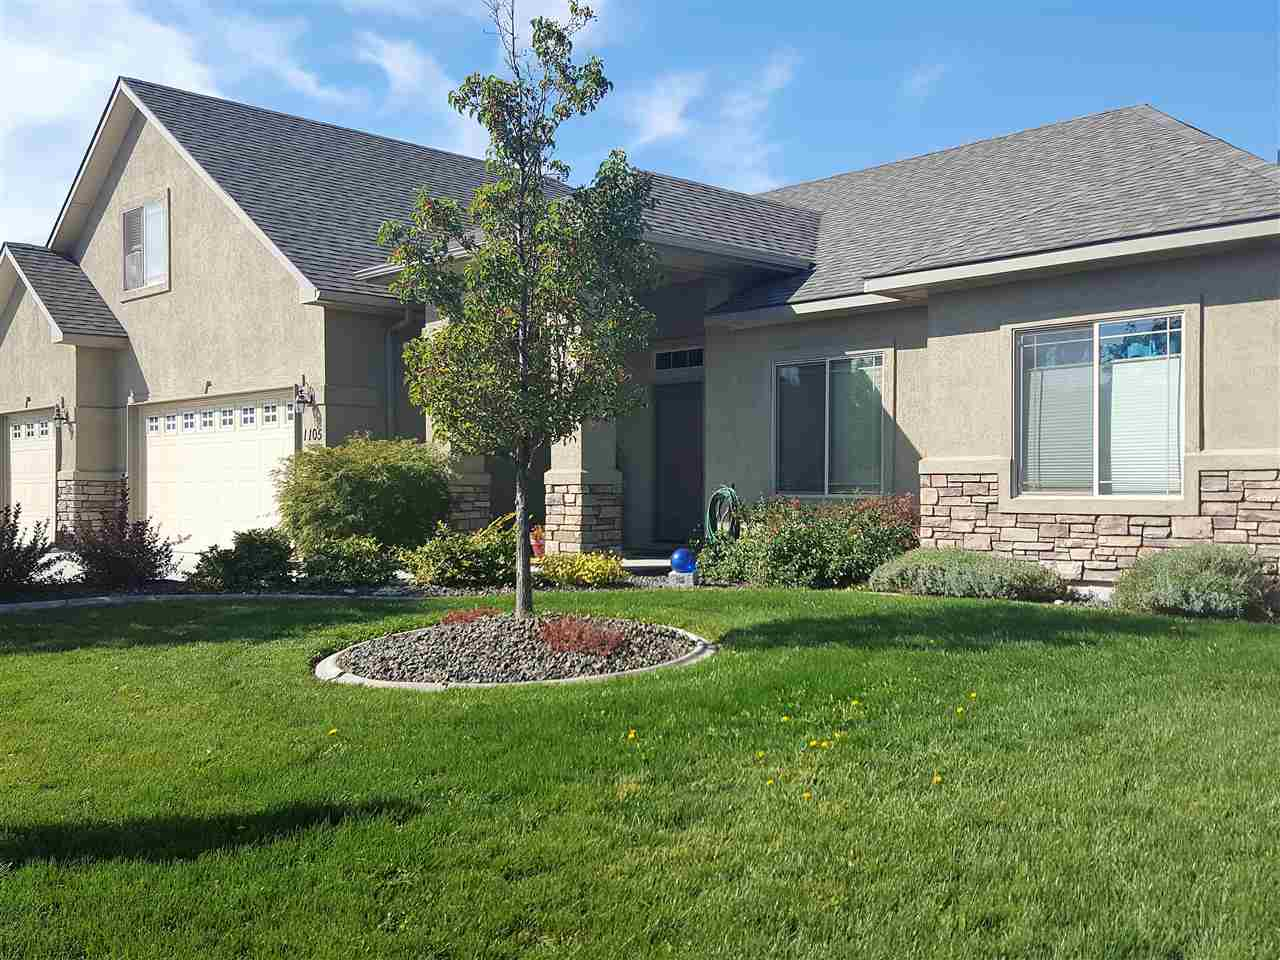 Casa Unifamiliar por un Venta en 1105 Regency, Emmett Emmett, Idaho, 83617 Estados Unidos